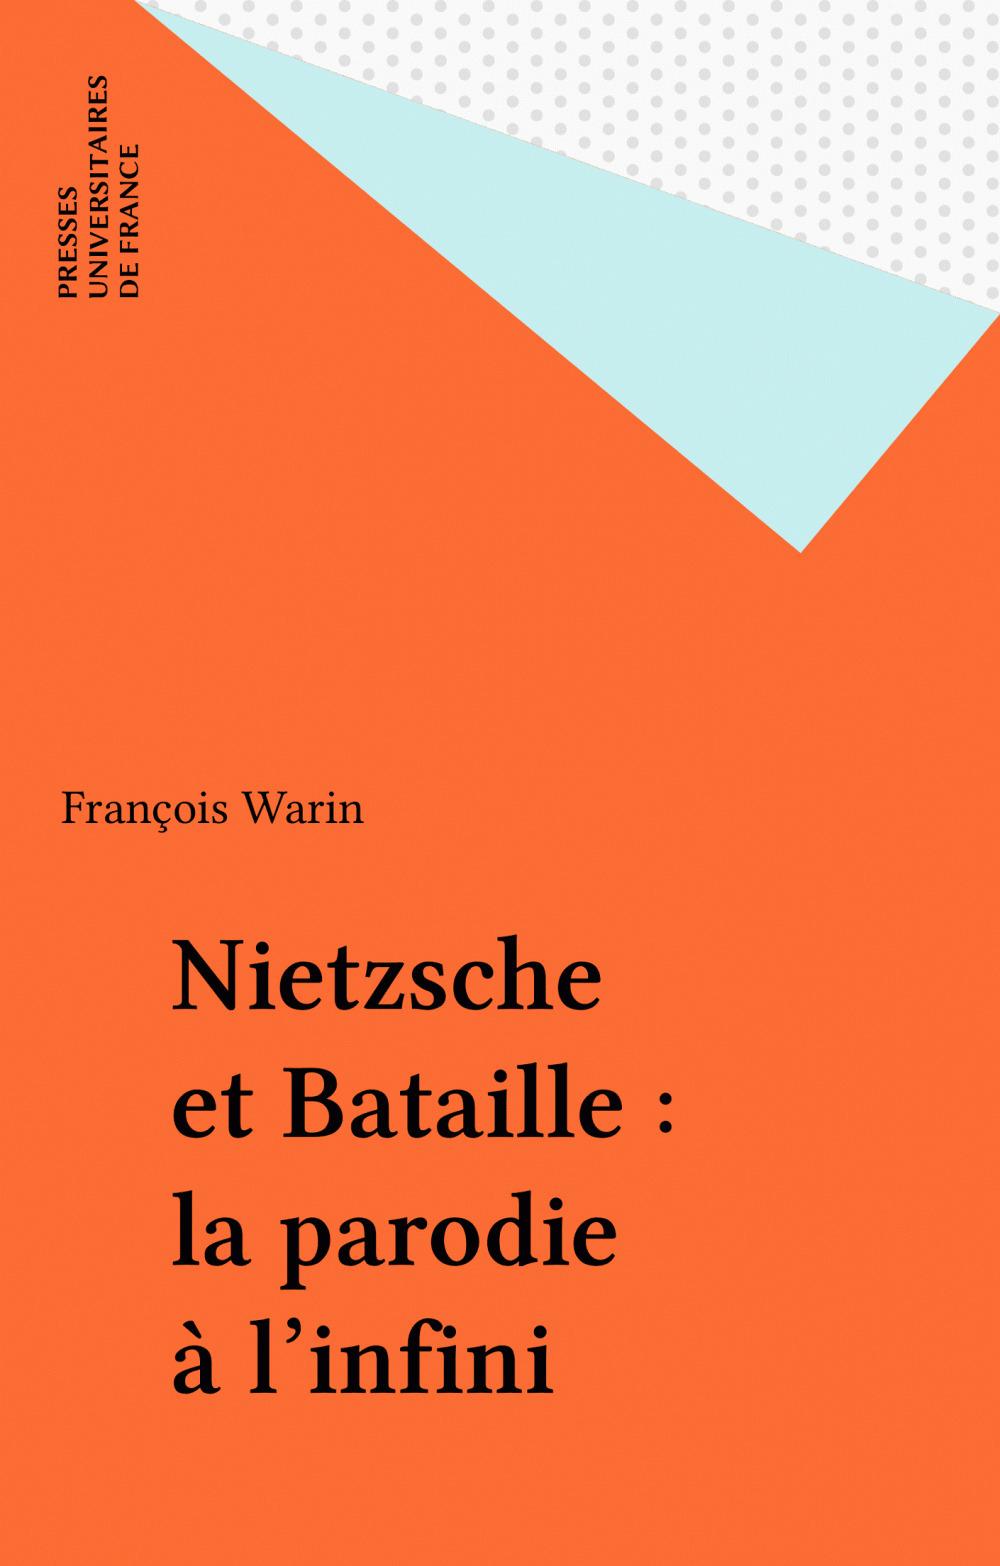 Nietzsche et Bataille : la parodie à l'infini